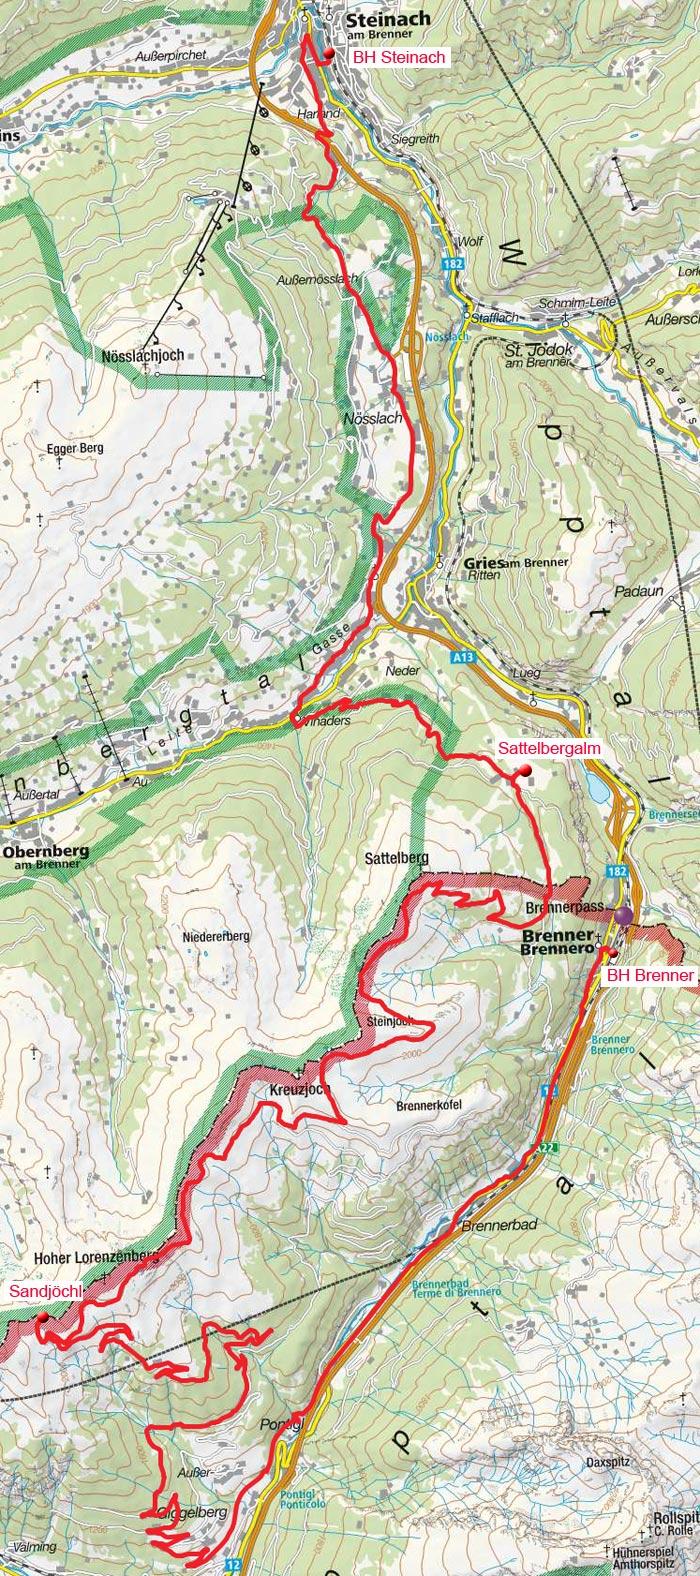 Brenner-Grenzkamm Überquerung vom Brenner nach Steinach